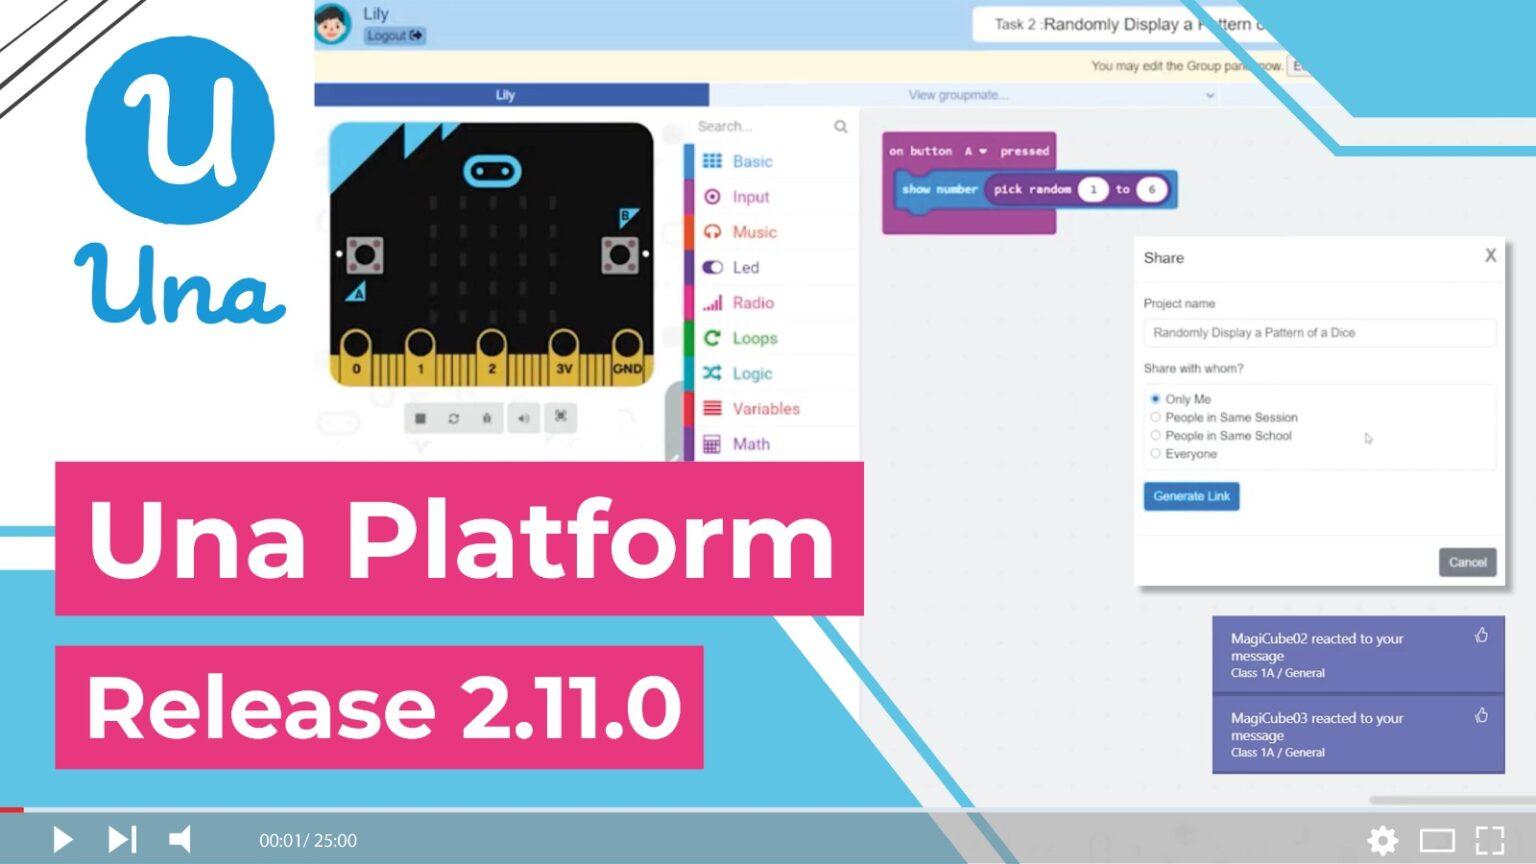 Una Platform – Release 2.11.0: Shareable Link